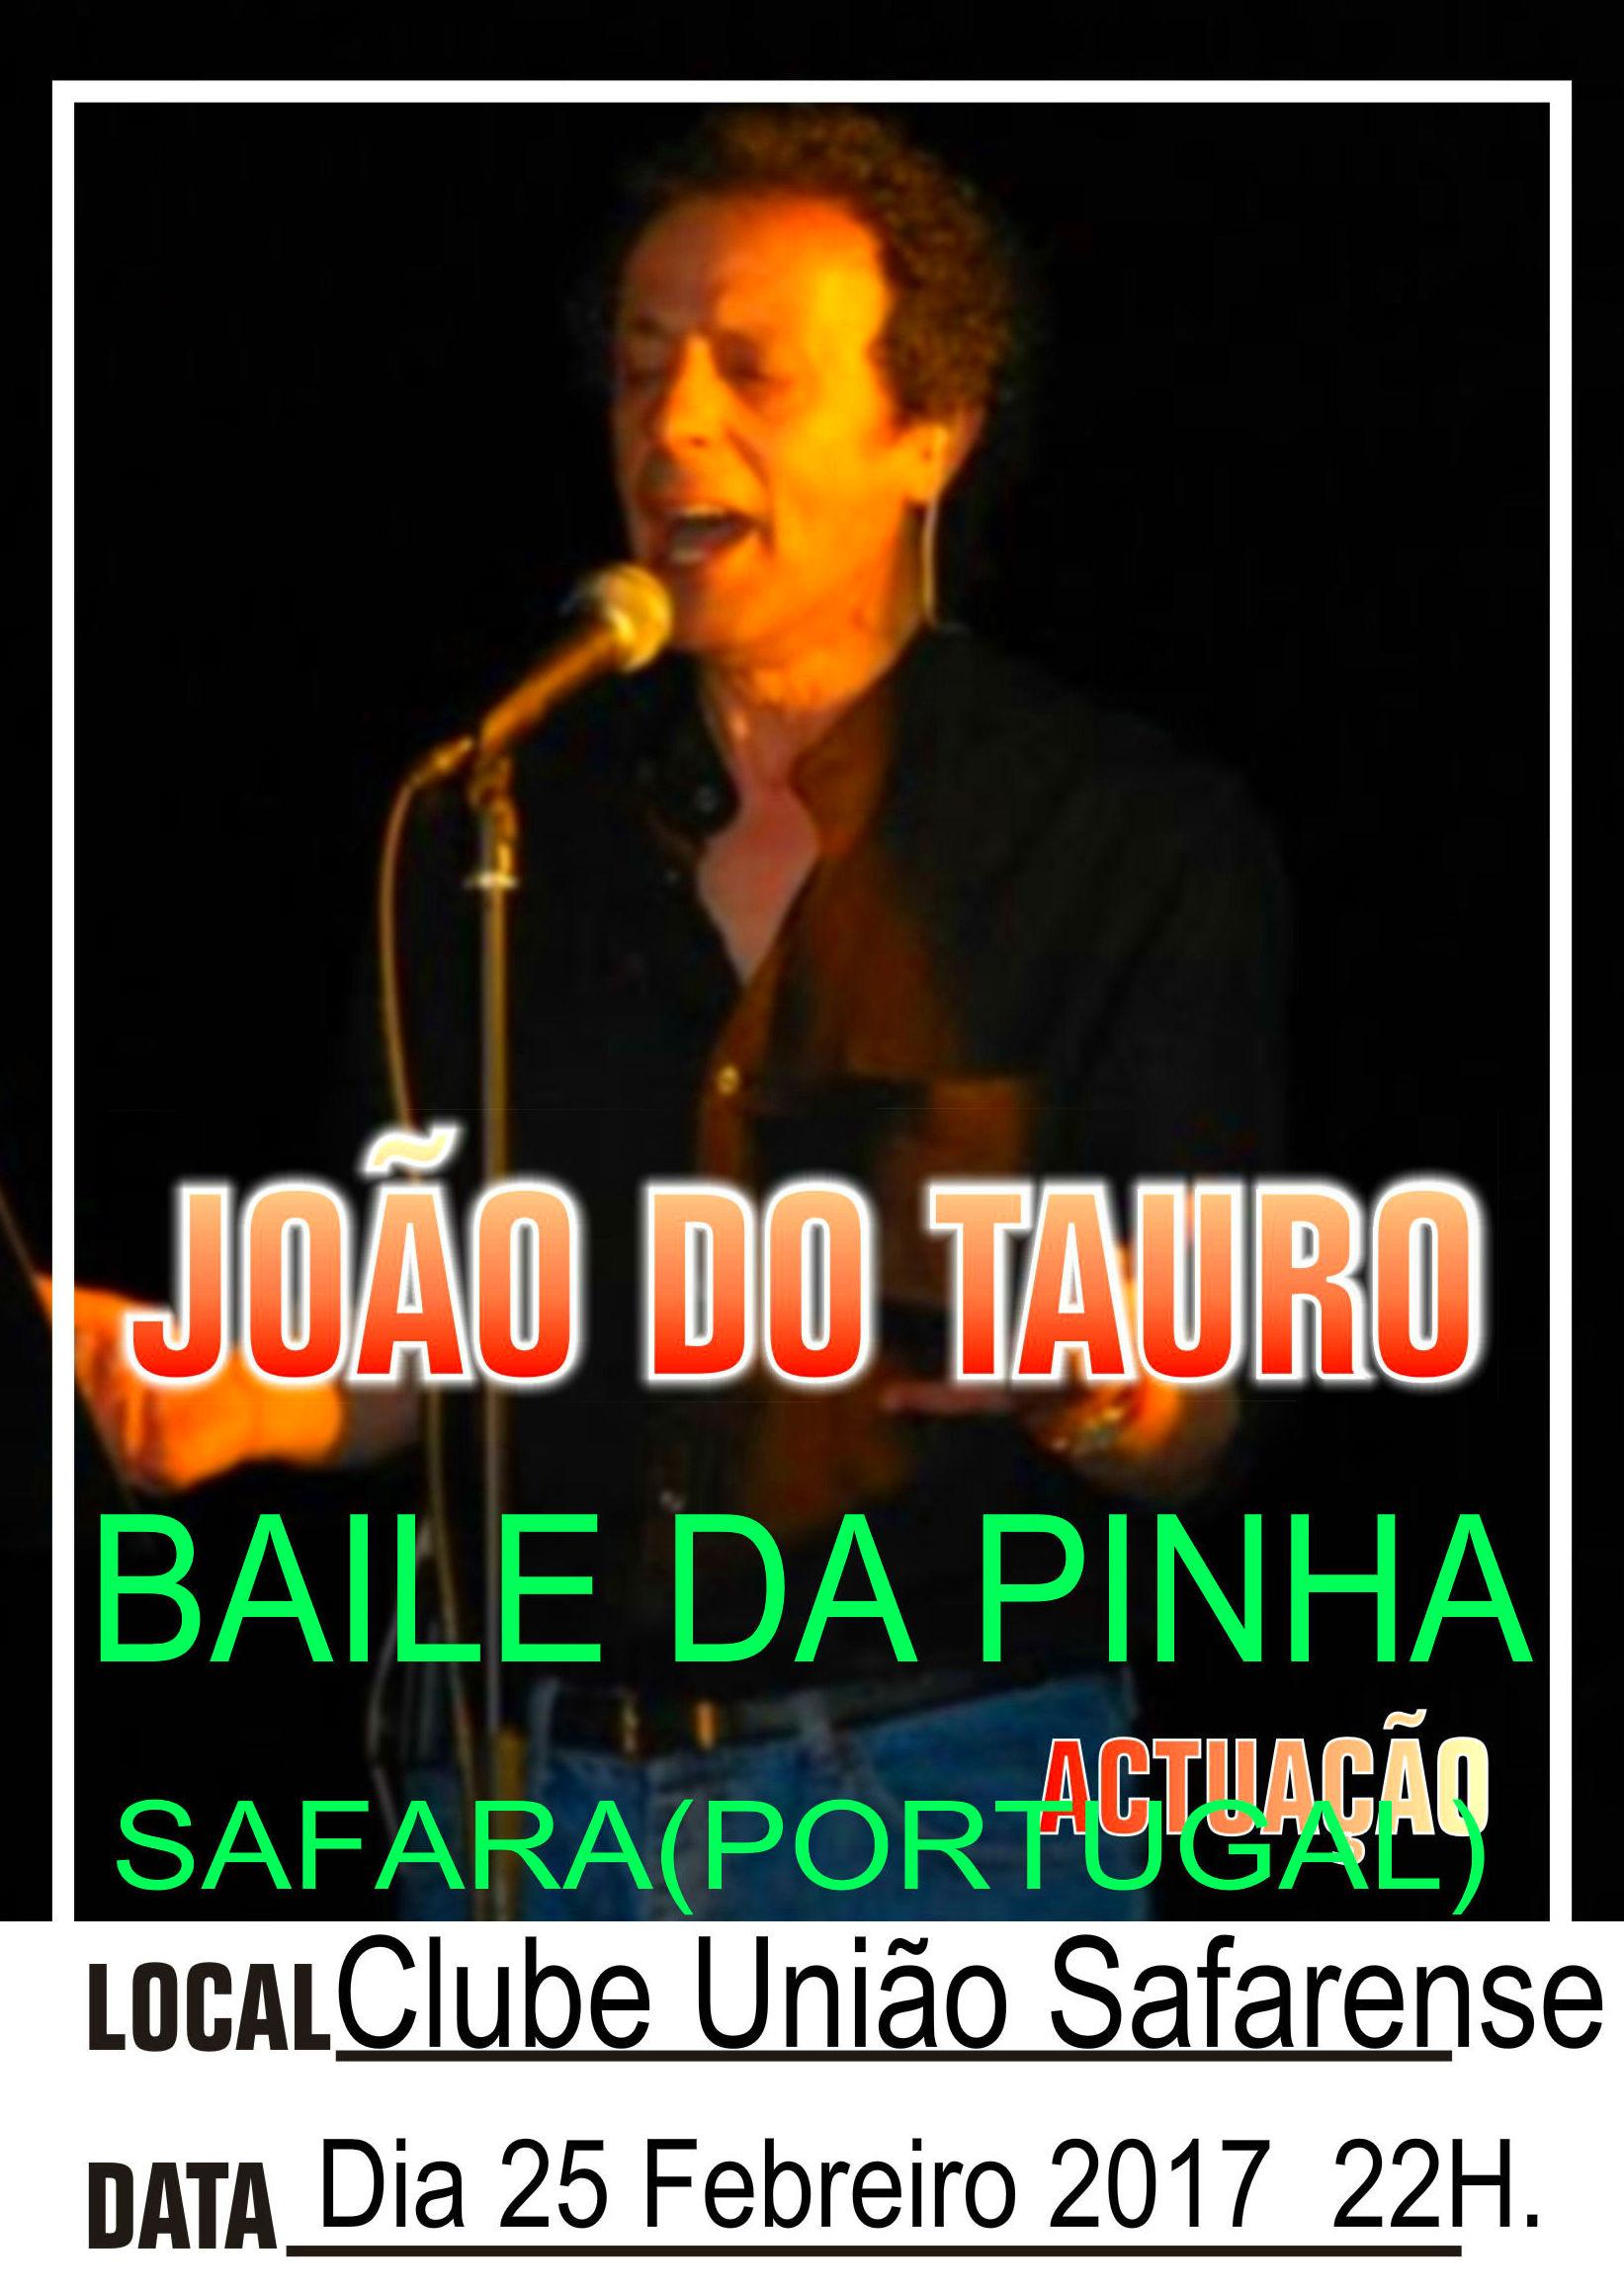 Baile de Pinhata en Safara (Portugal)